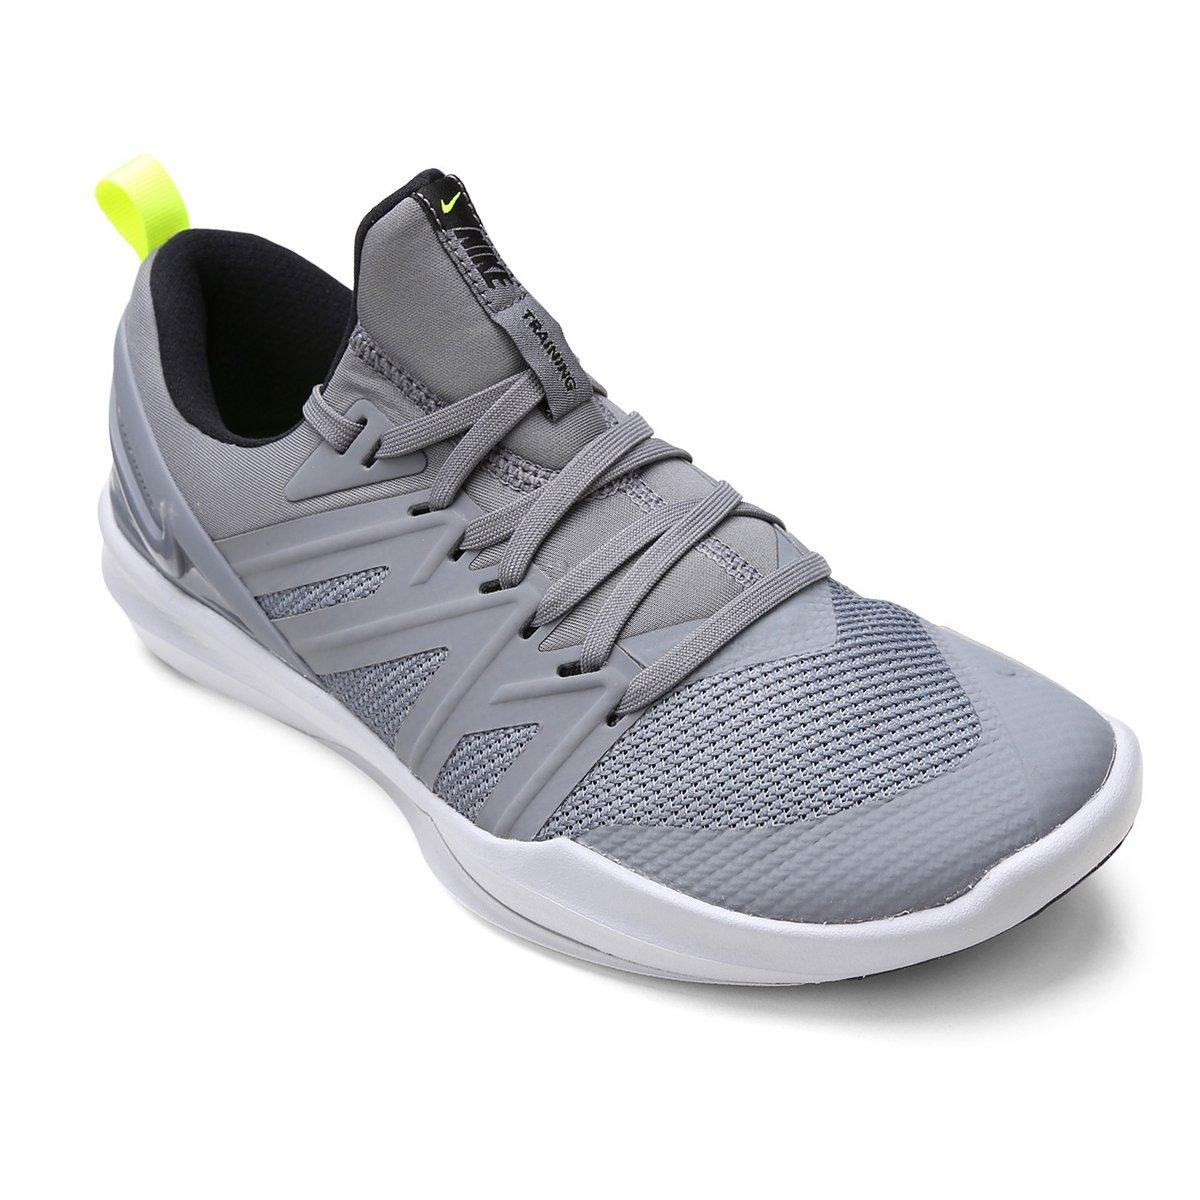 Tênis Nike Victory Elite Trainer Masculino - Preto e Branco